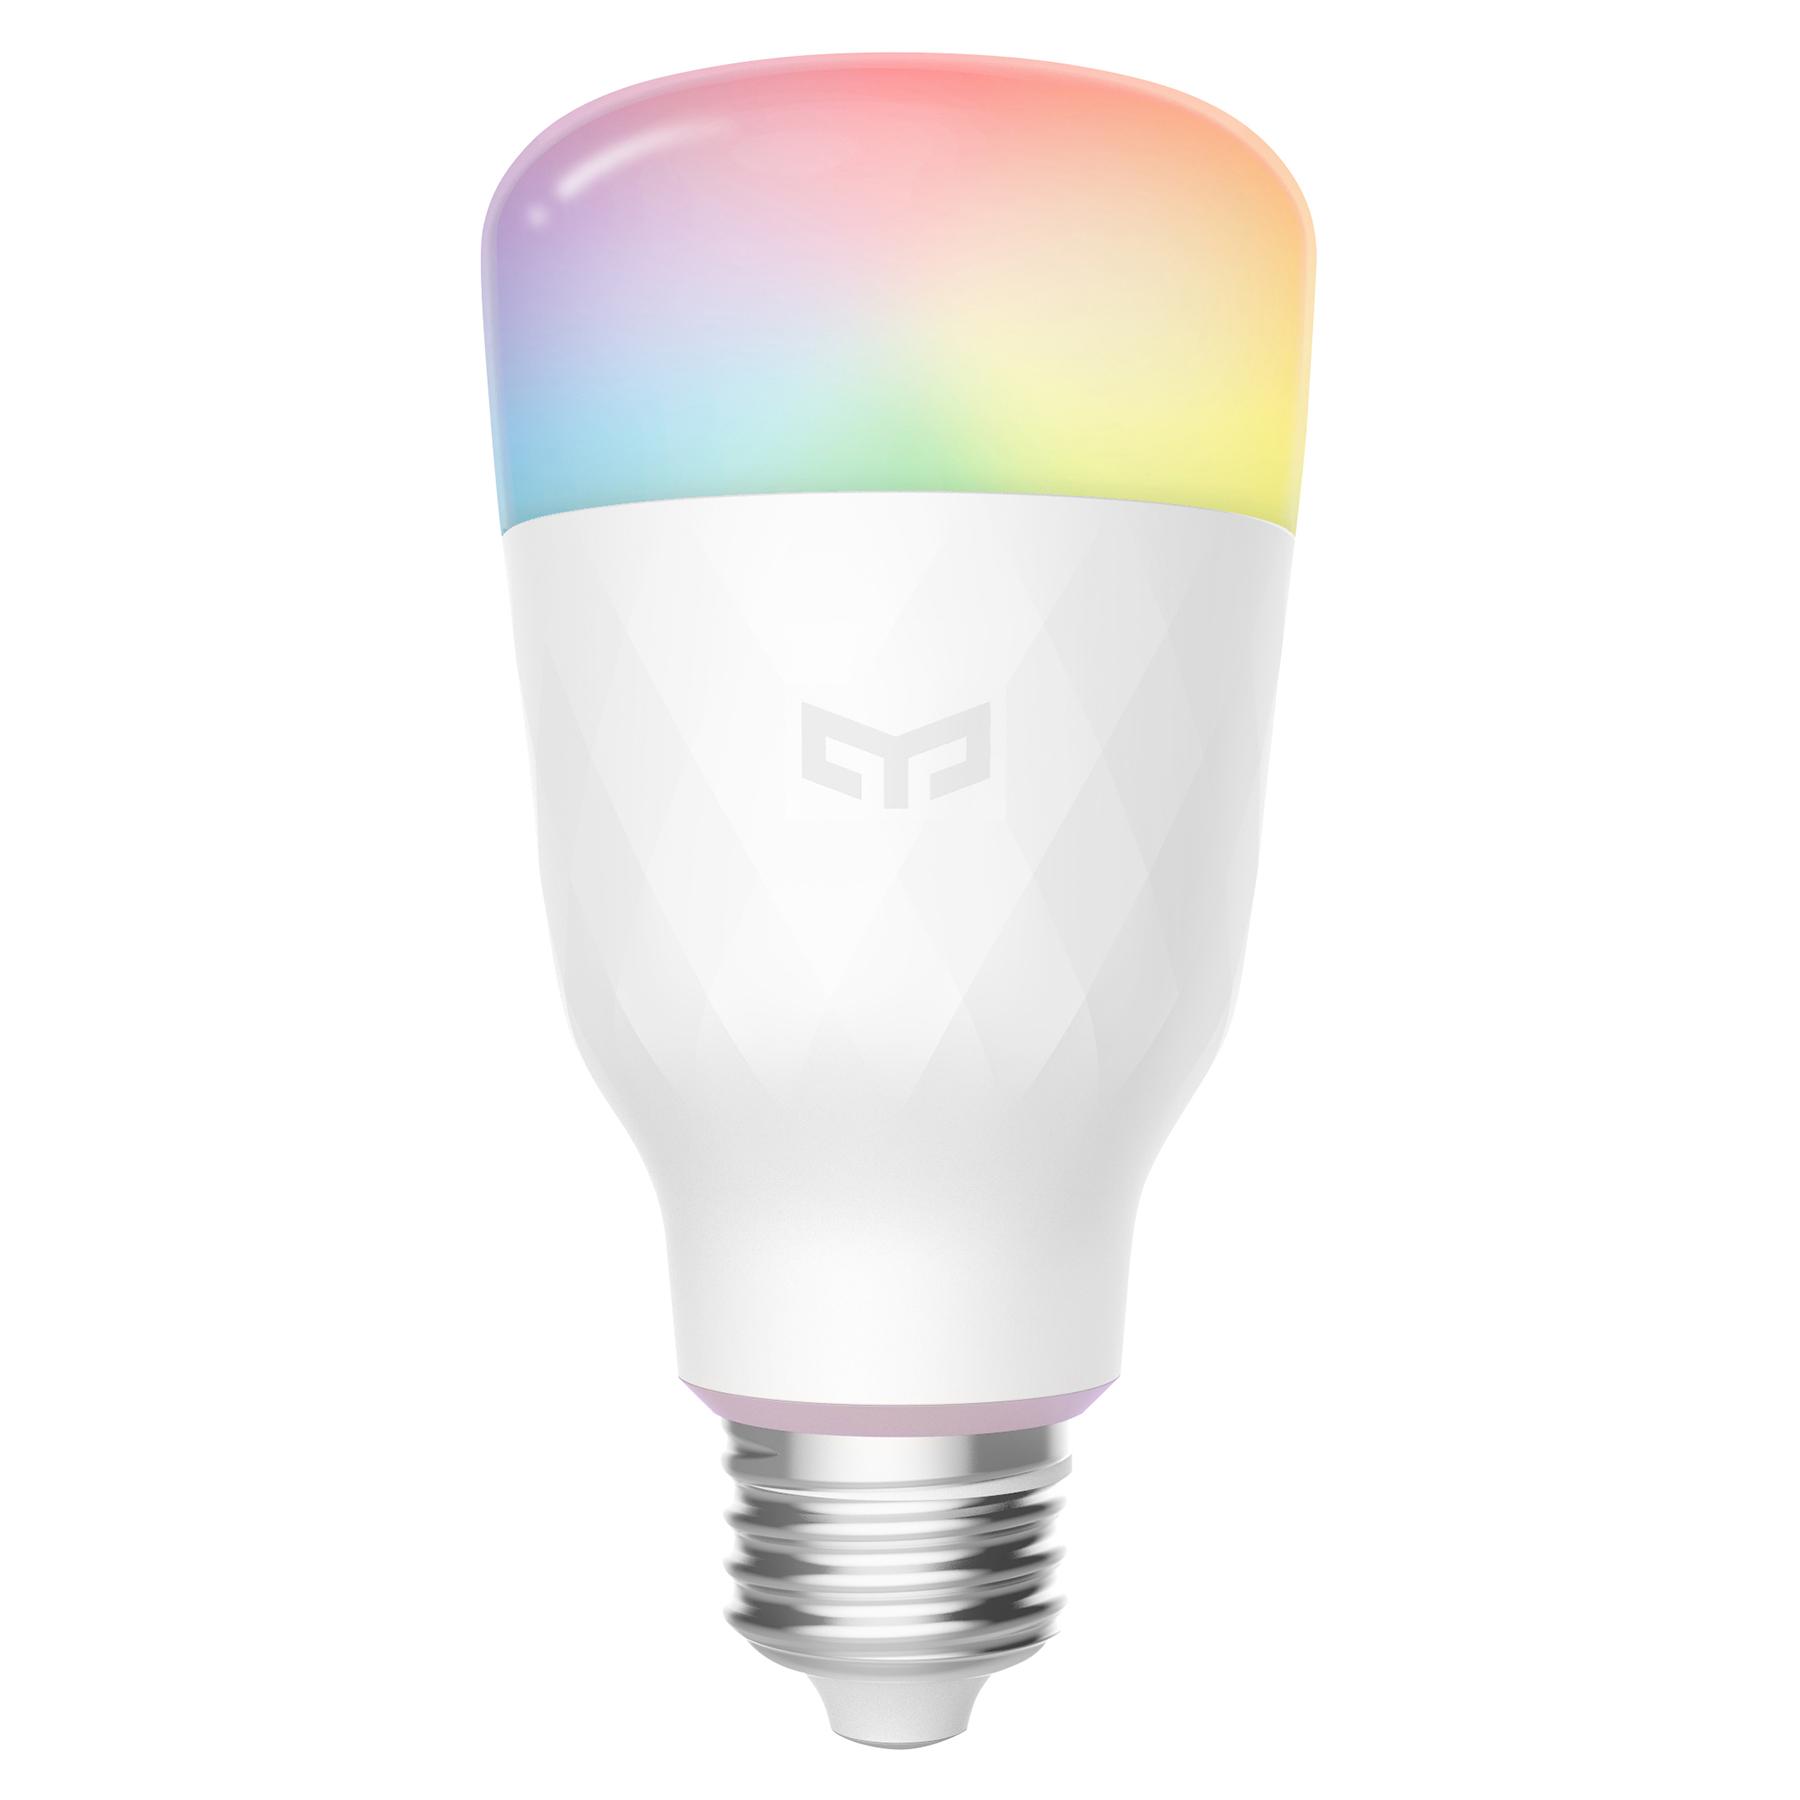 Yeelight Smart LED-lamppu E27 1S Color 8,5W